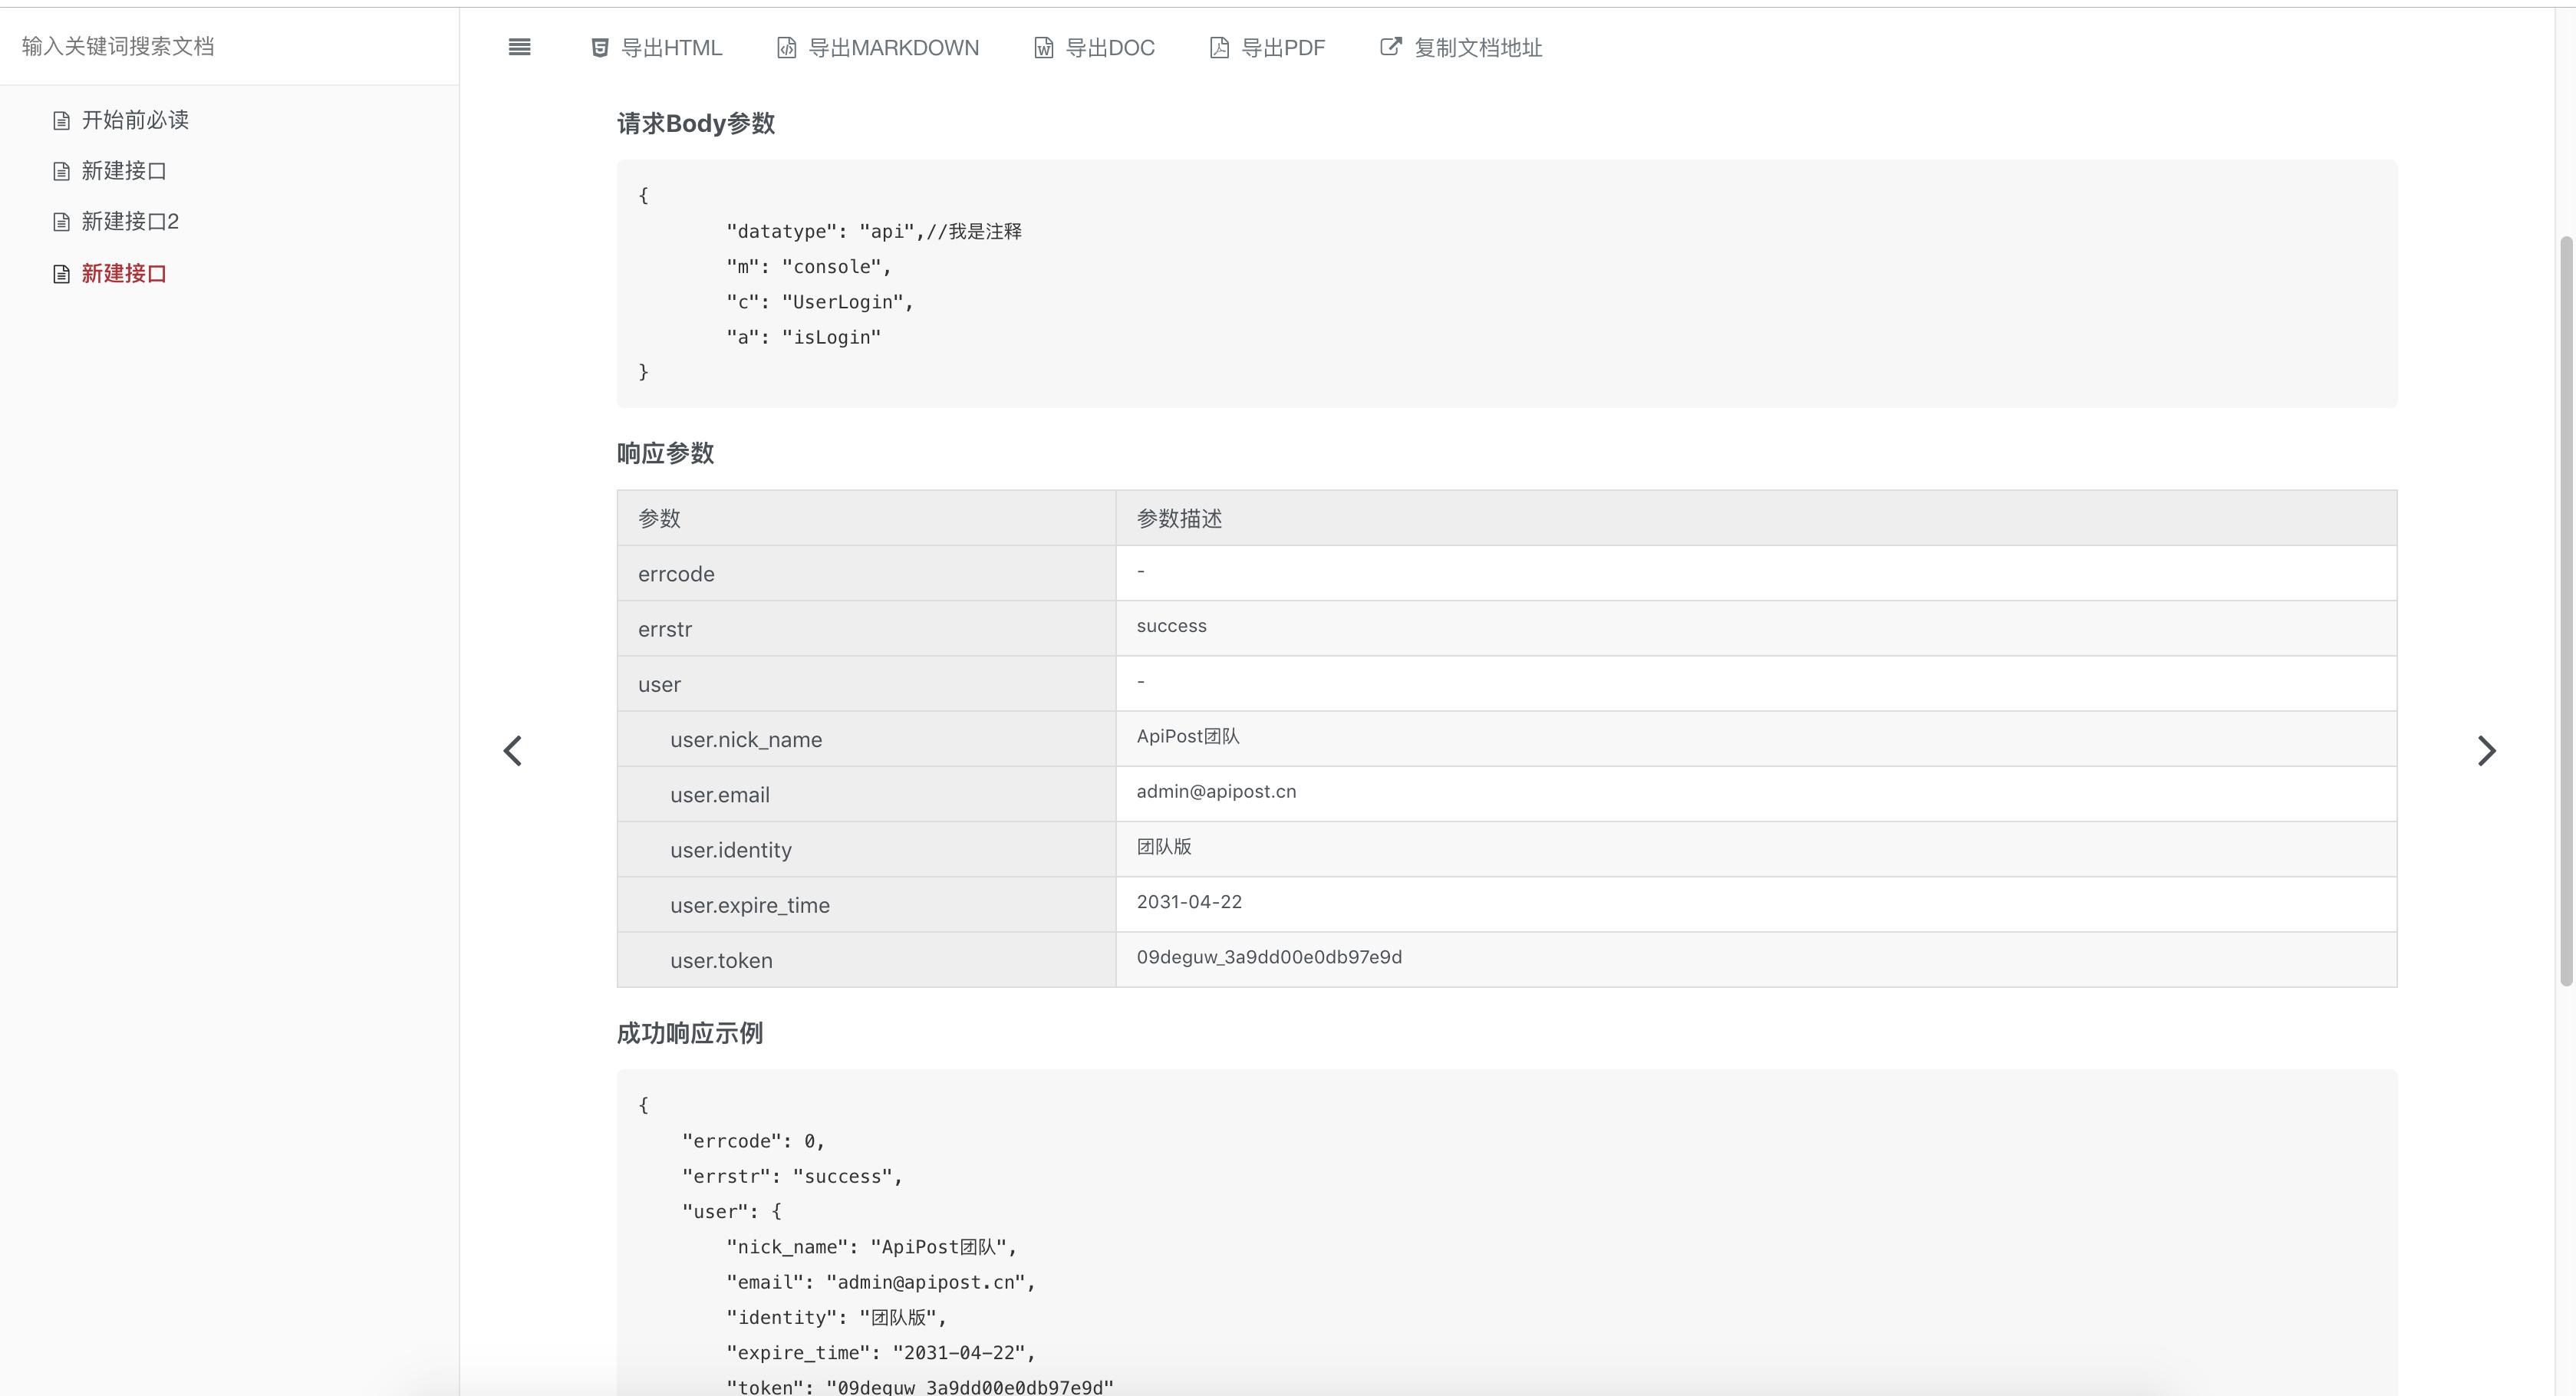 Linux下安装好用的接口测试与文档生成工具